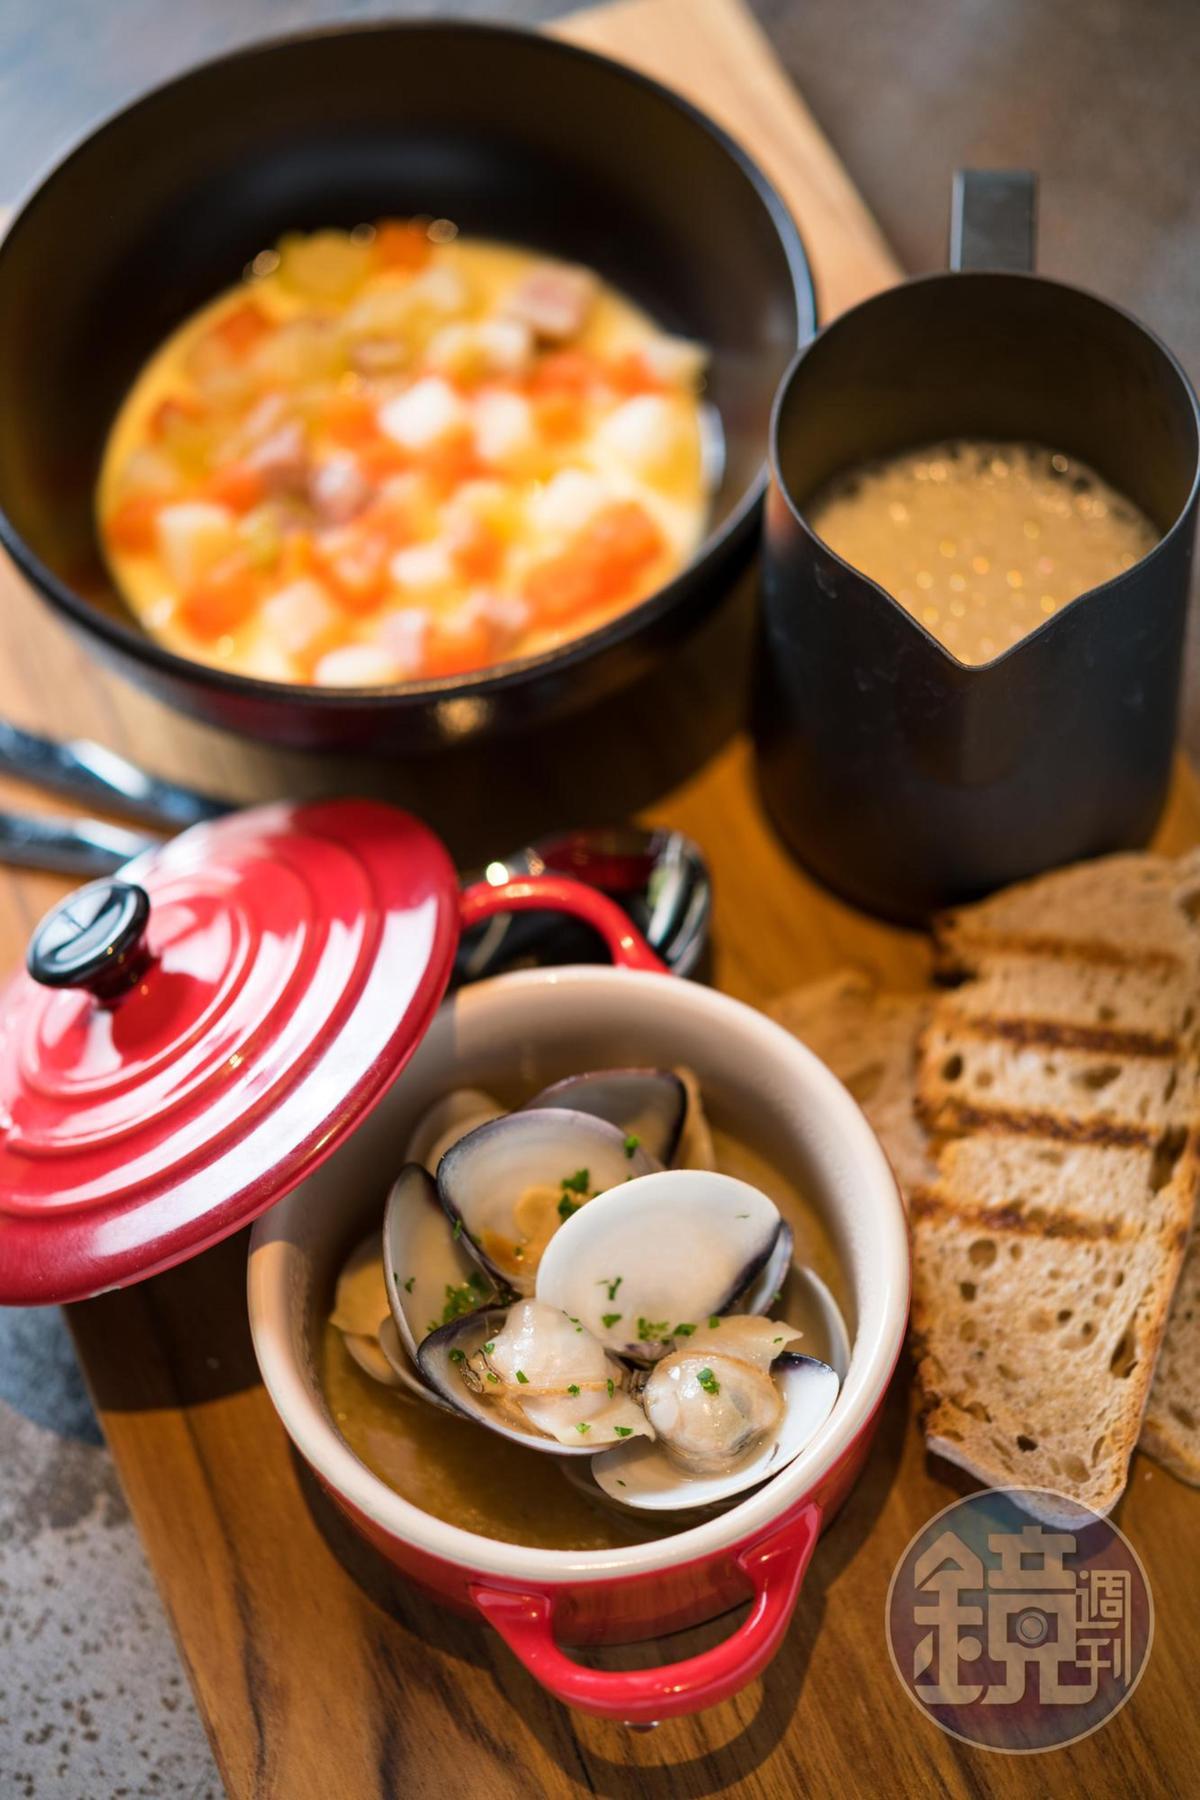 「蛤蜊濃湯泡泡 / 蒸蛋 / 炭烤麵包」是經典巧達濃湯的變奏版。(290元/份)